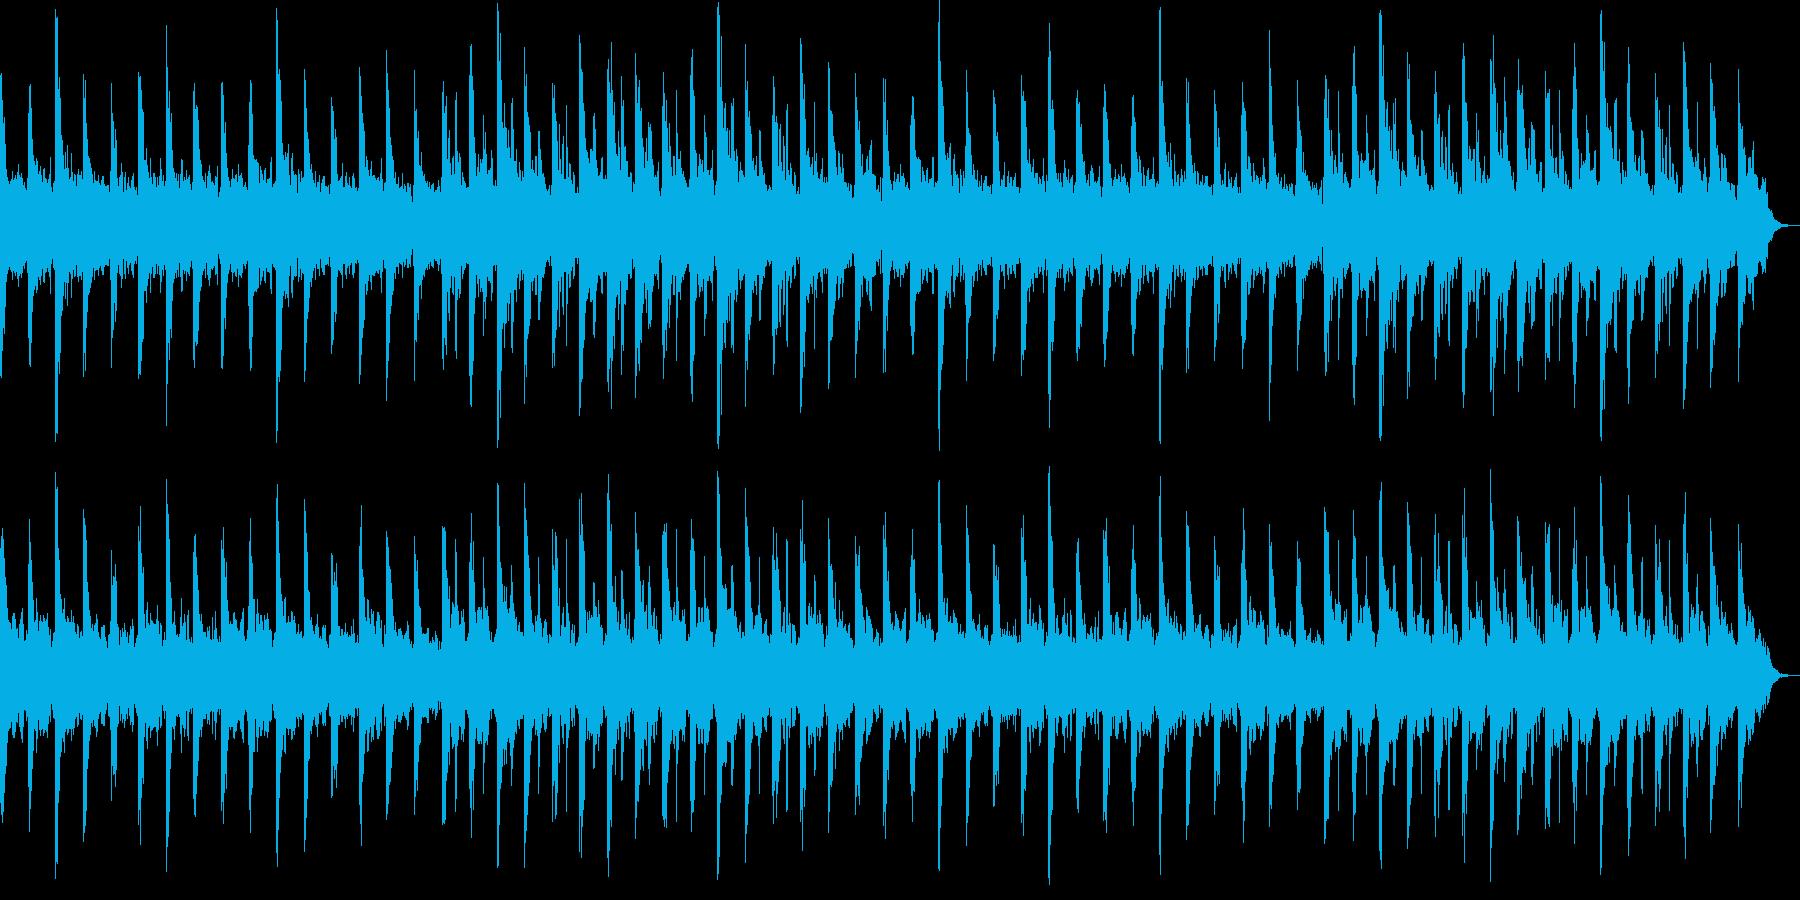 睡眠用の静かで落ち着く環境音楽の再生済みの波形